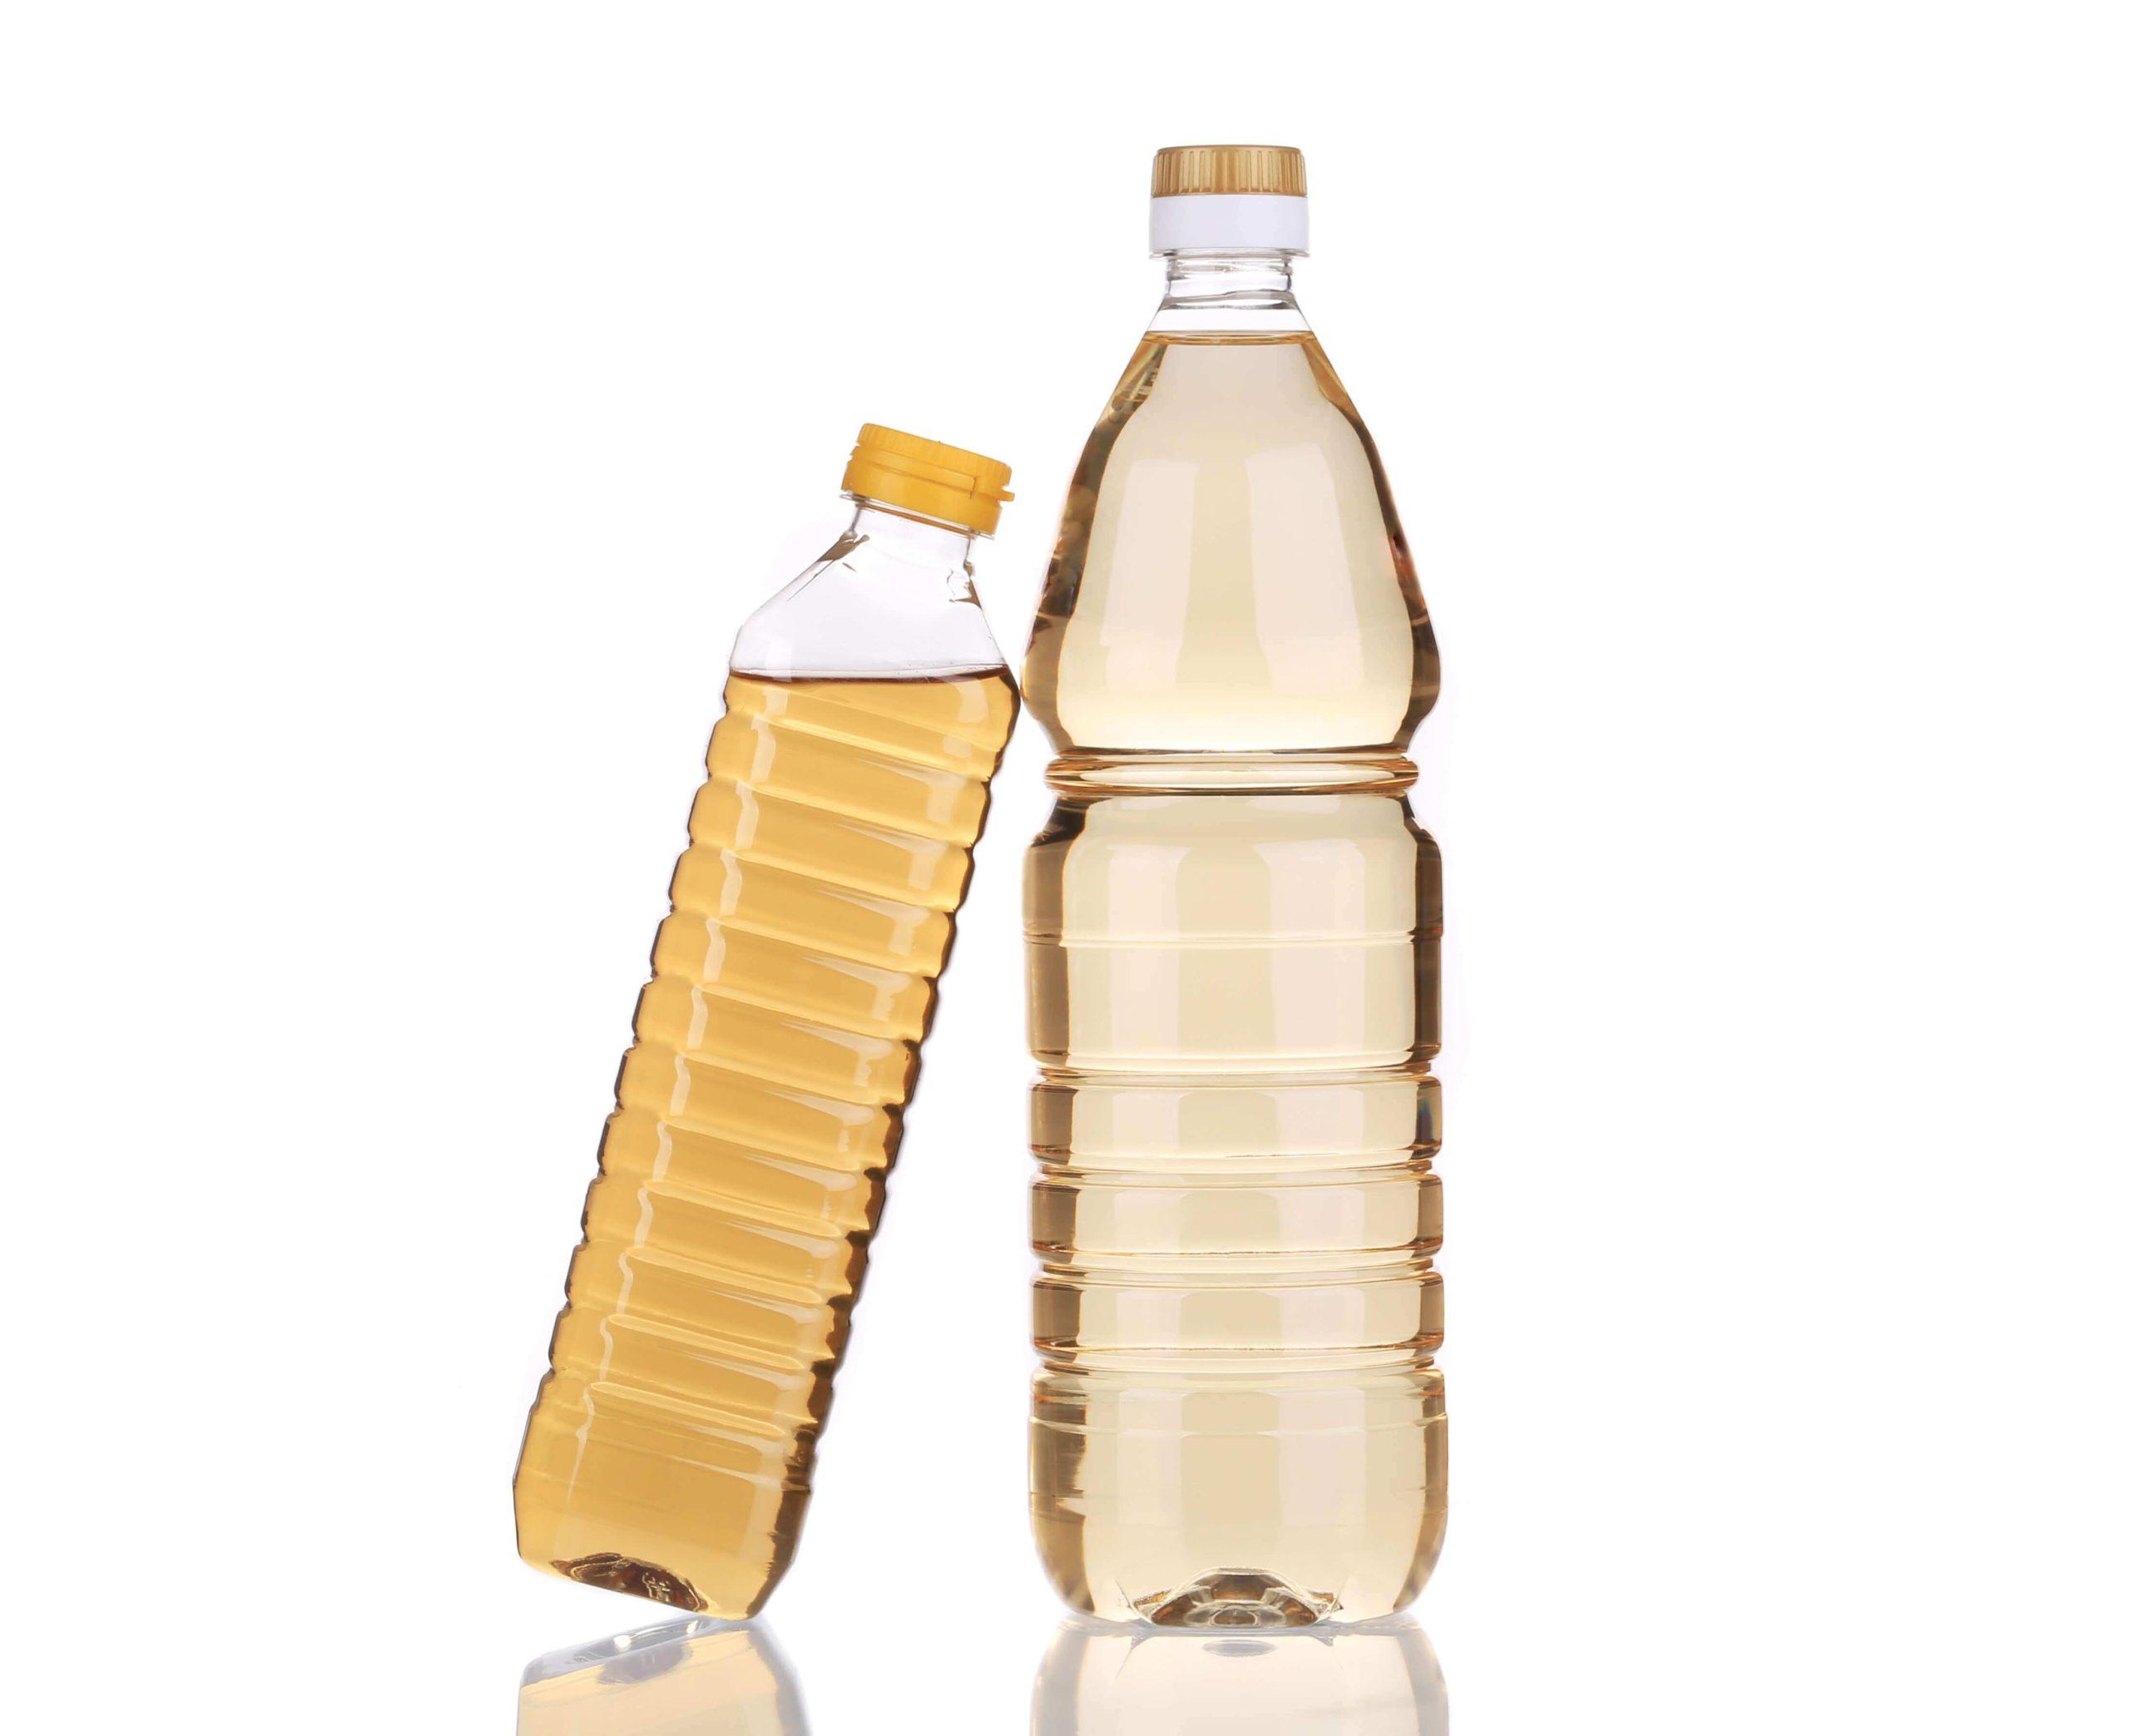 効能を知ればすぐに飲みたくなるお酢の美容と健康パワー